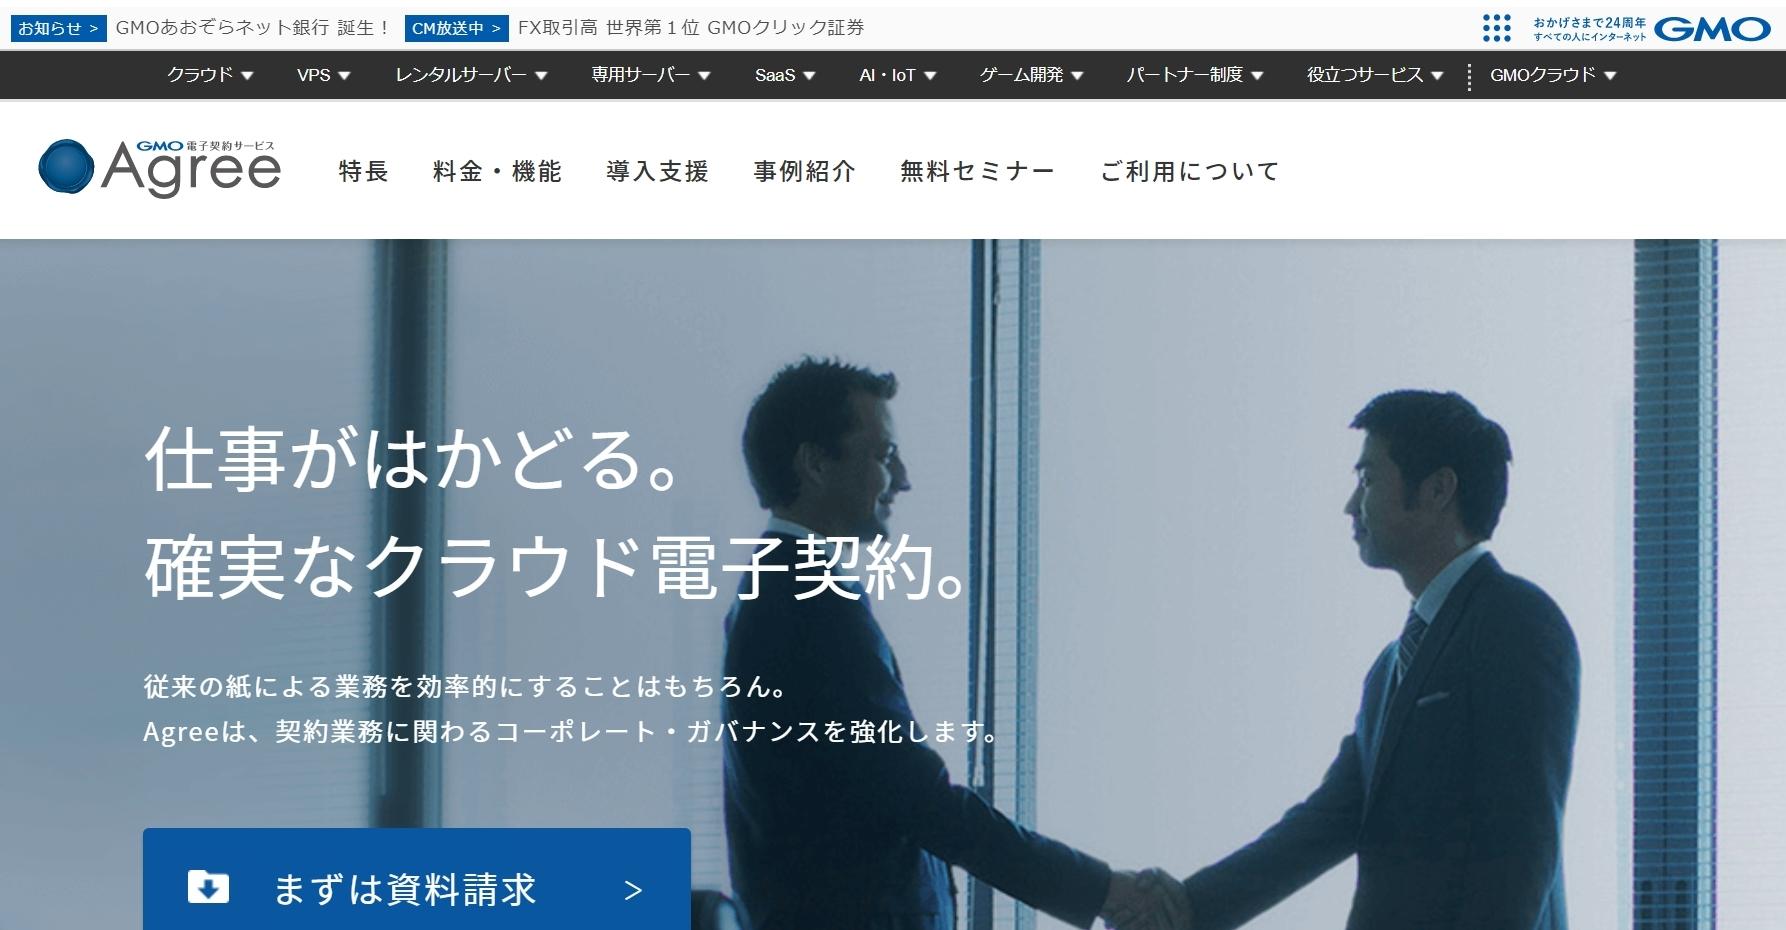 電子契約サービスAgree